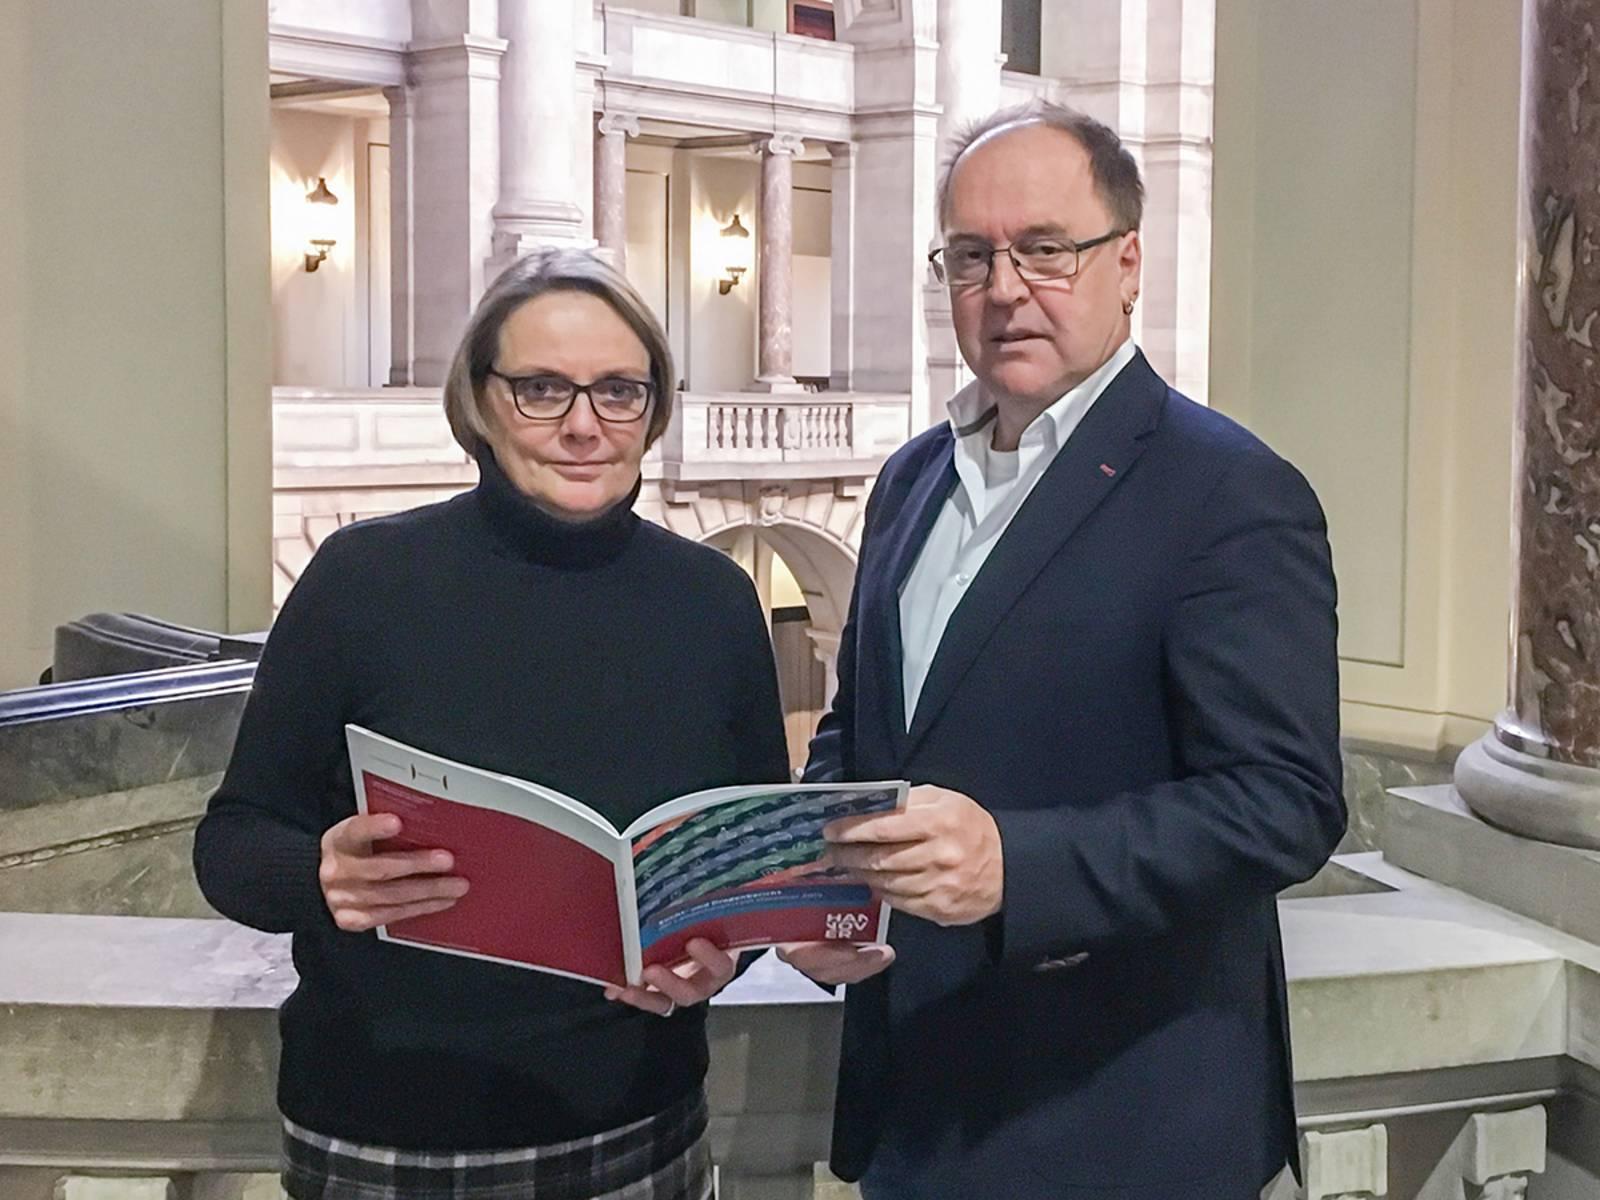 Eine Frau und ein Mann stehen an einer Balustrade, die Frau hält eine Broschüre in der Hand